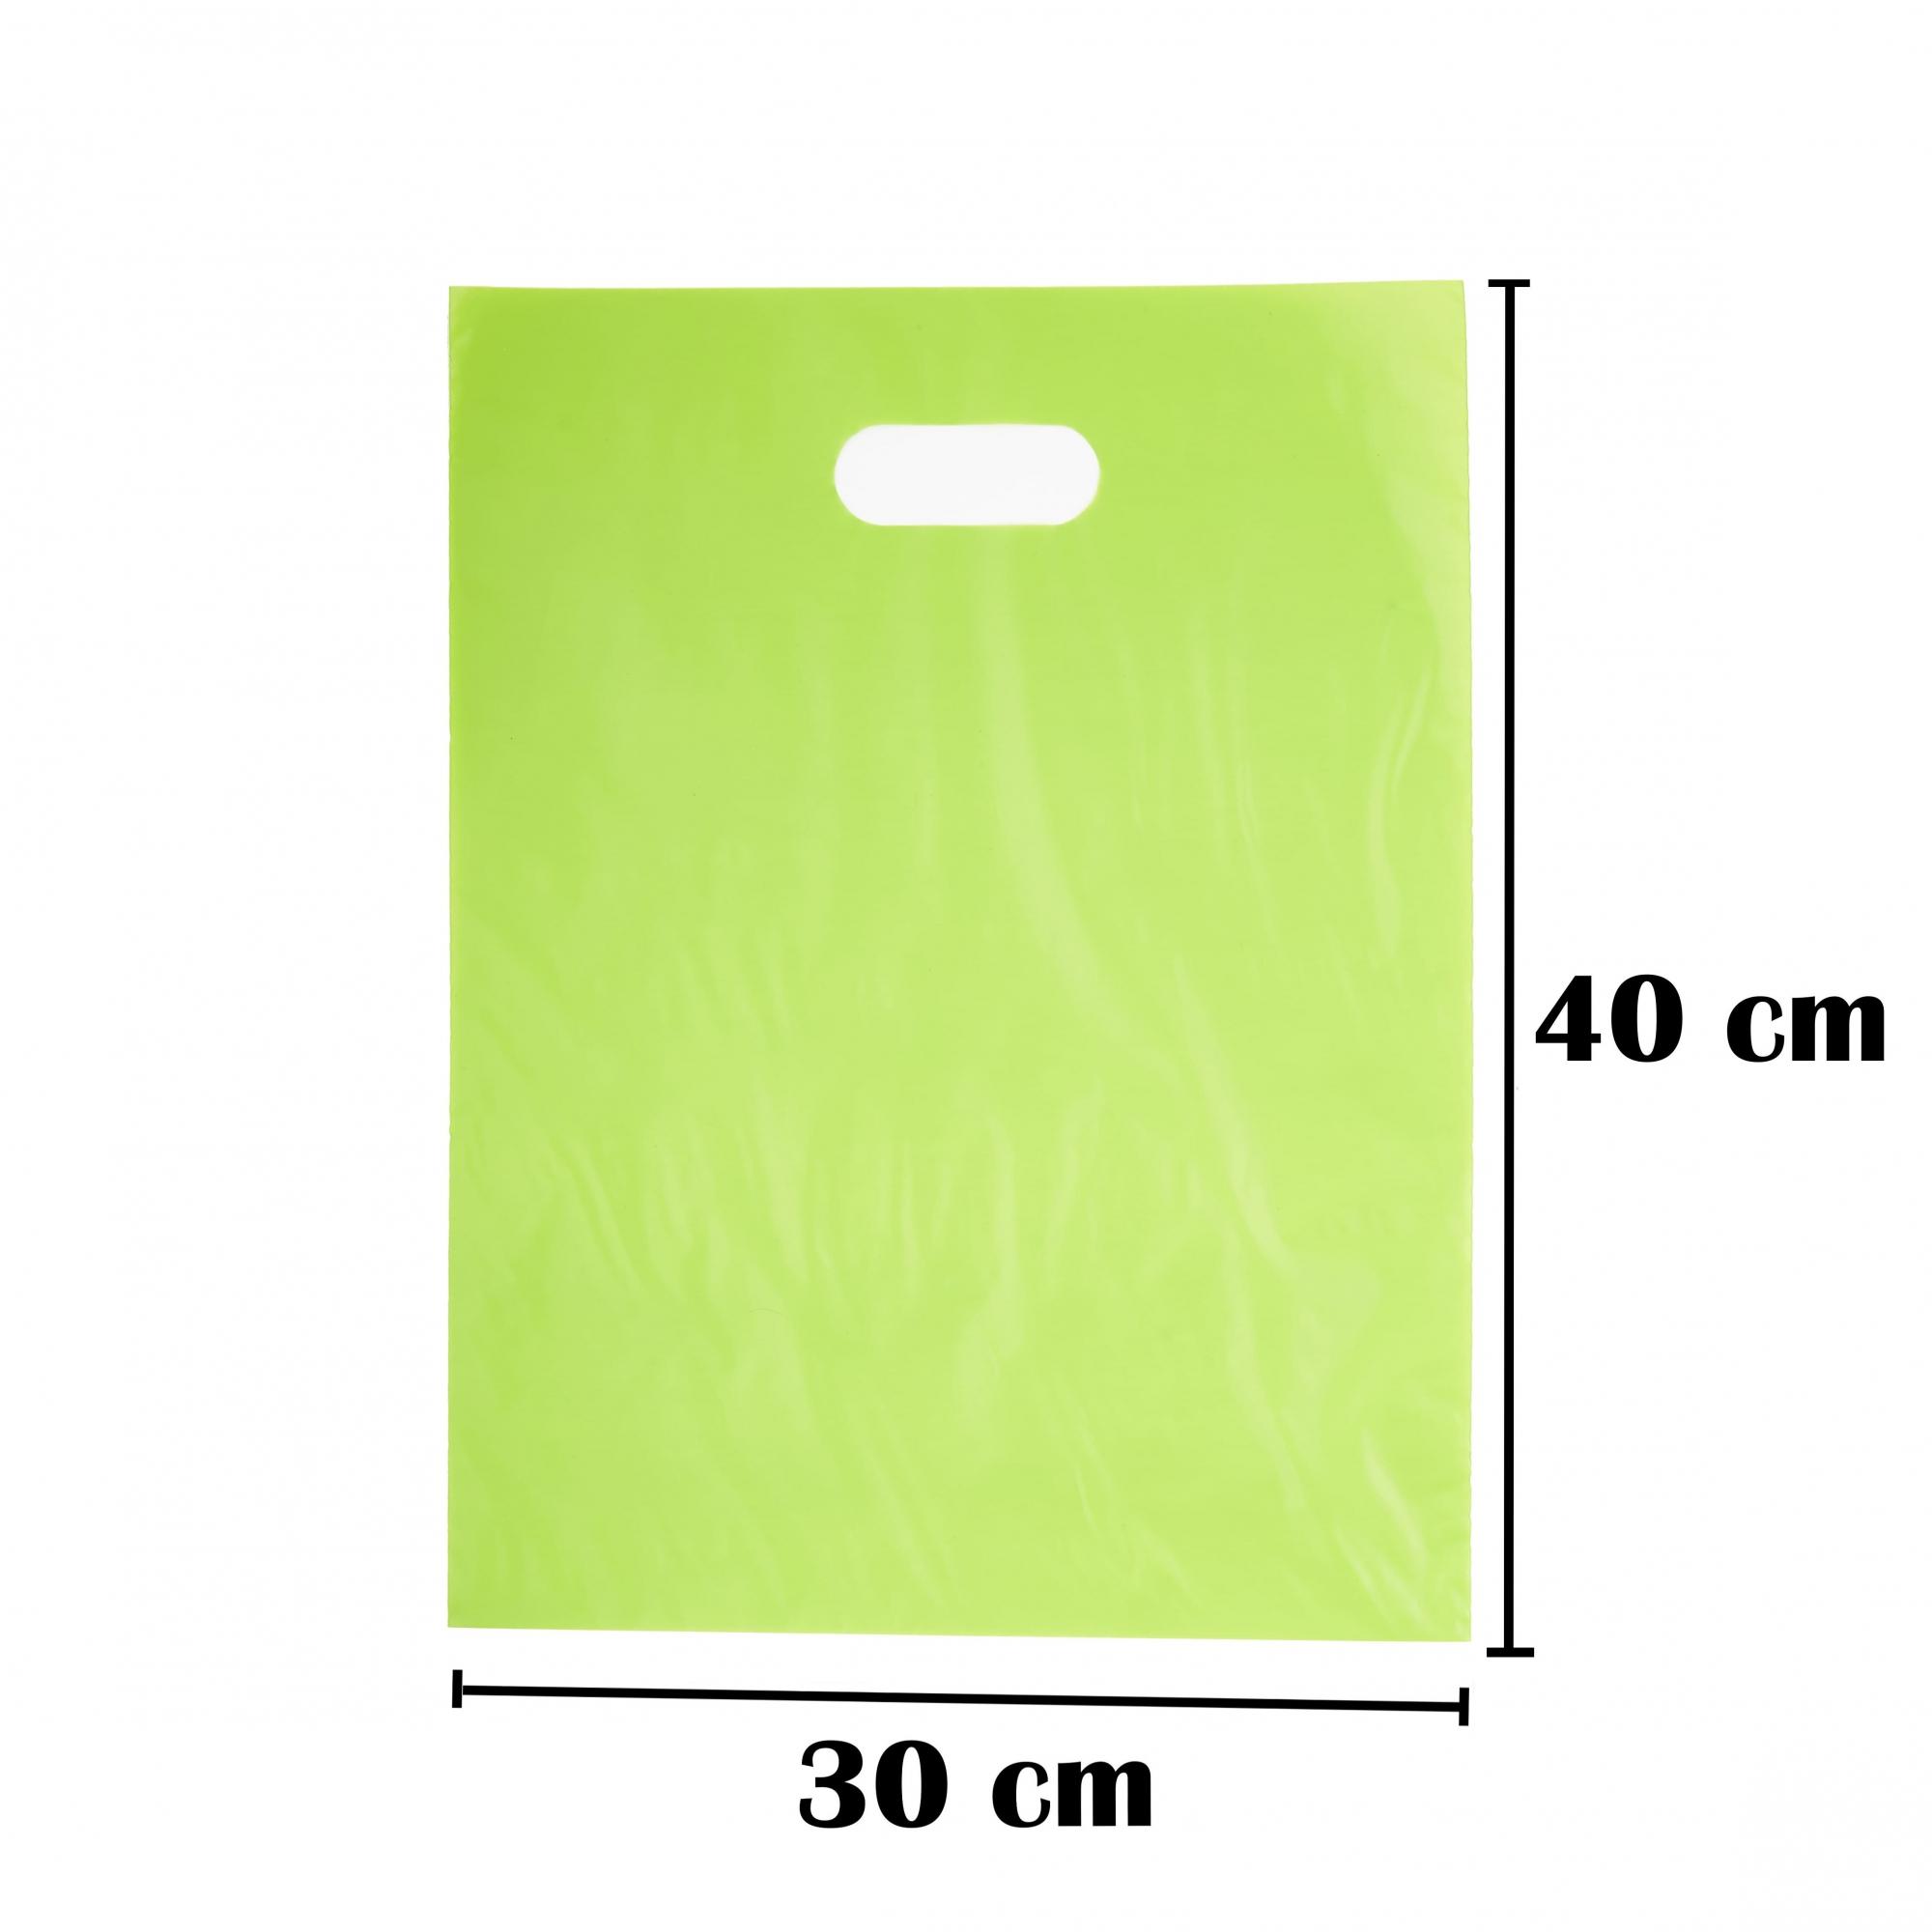 Sacola Plástica 30x40 Verde Alça Boca de Palhaço 100 Unidades